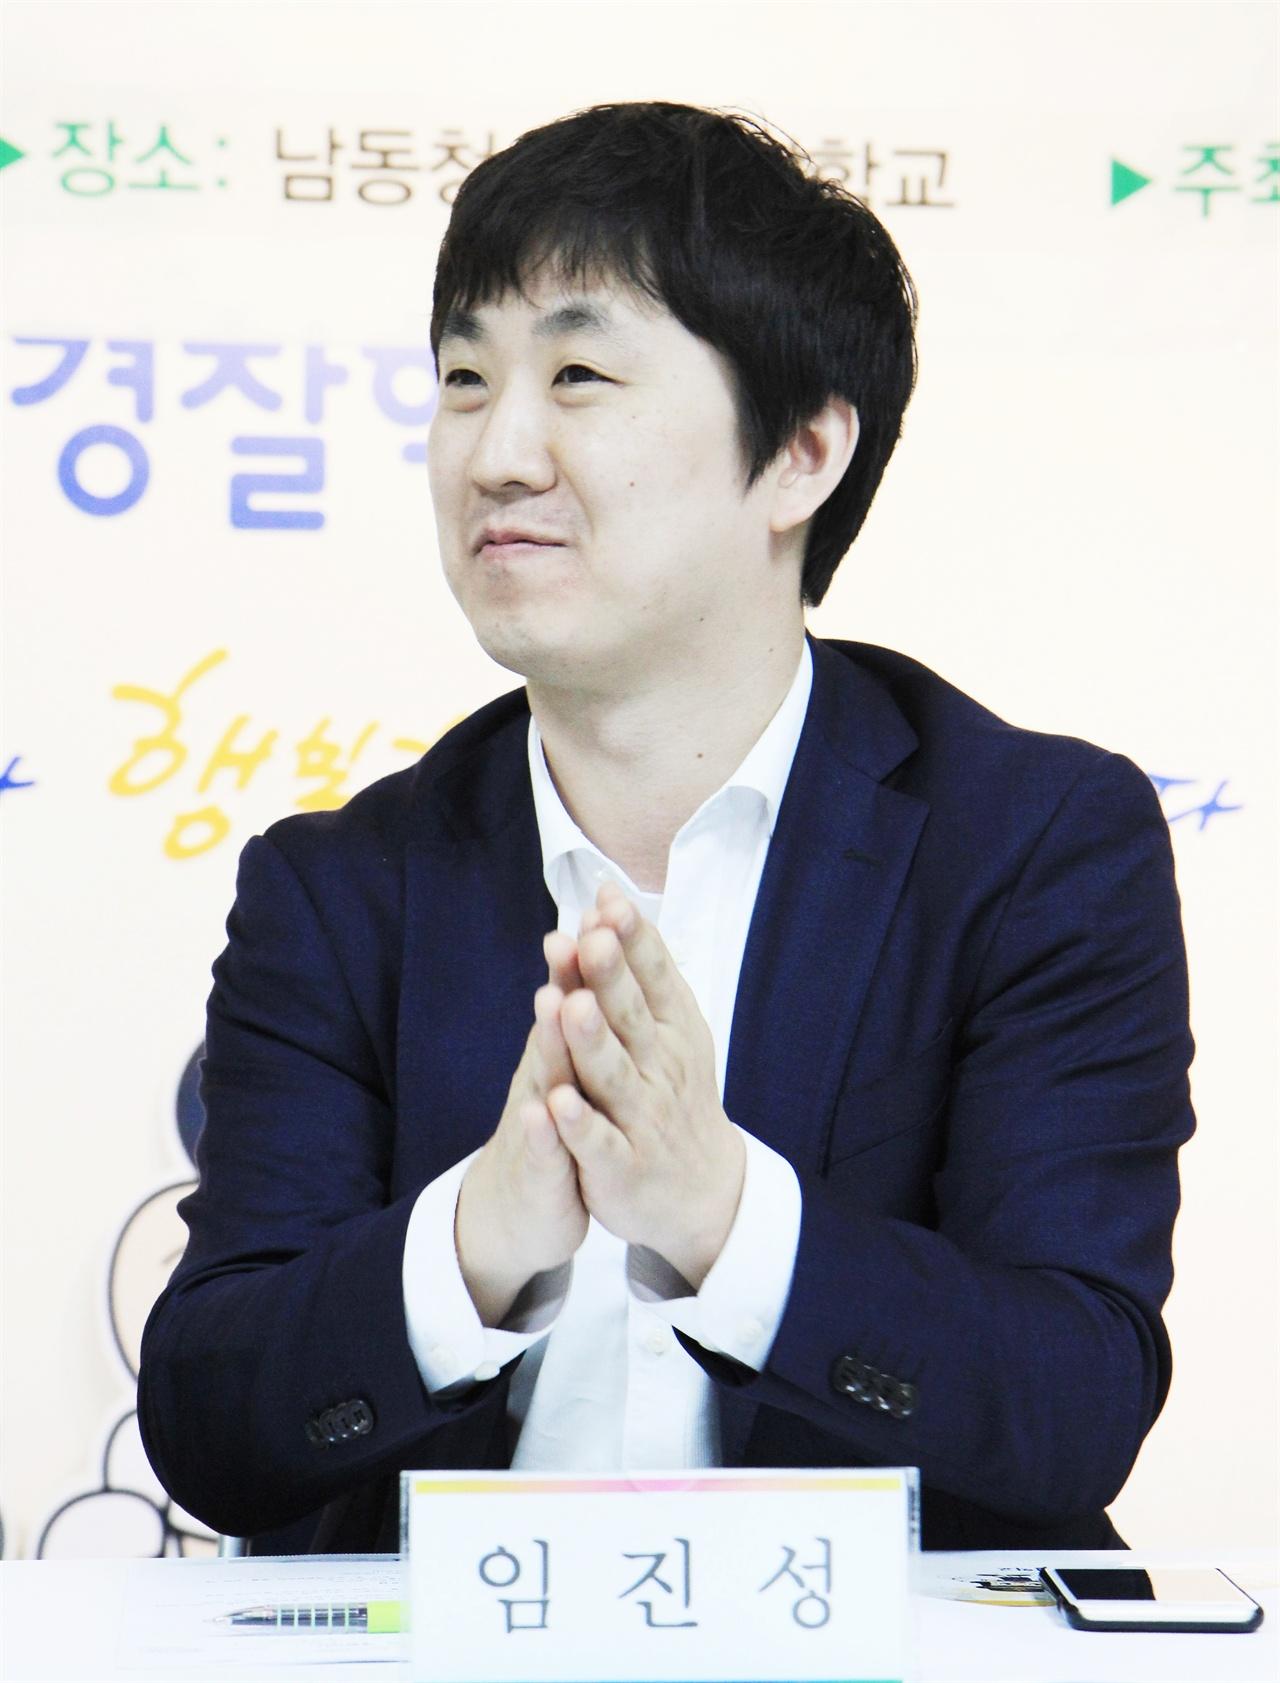 <소년희망센터> 건립추진위는 지난 4월 10일 발족했다. 발족식에서 박수치고 있는 임진성 위원장.